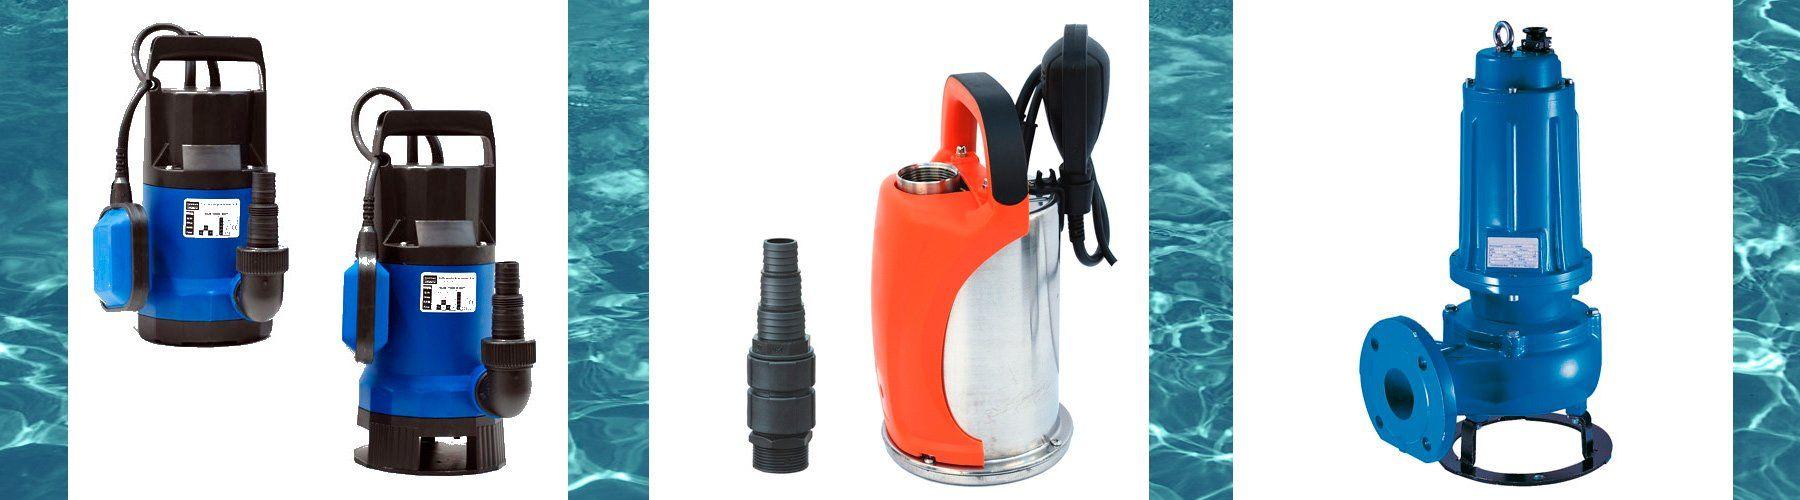 Instalación de Bombas sumergibles con trituradora